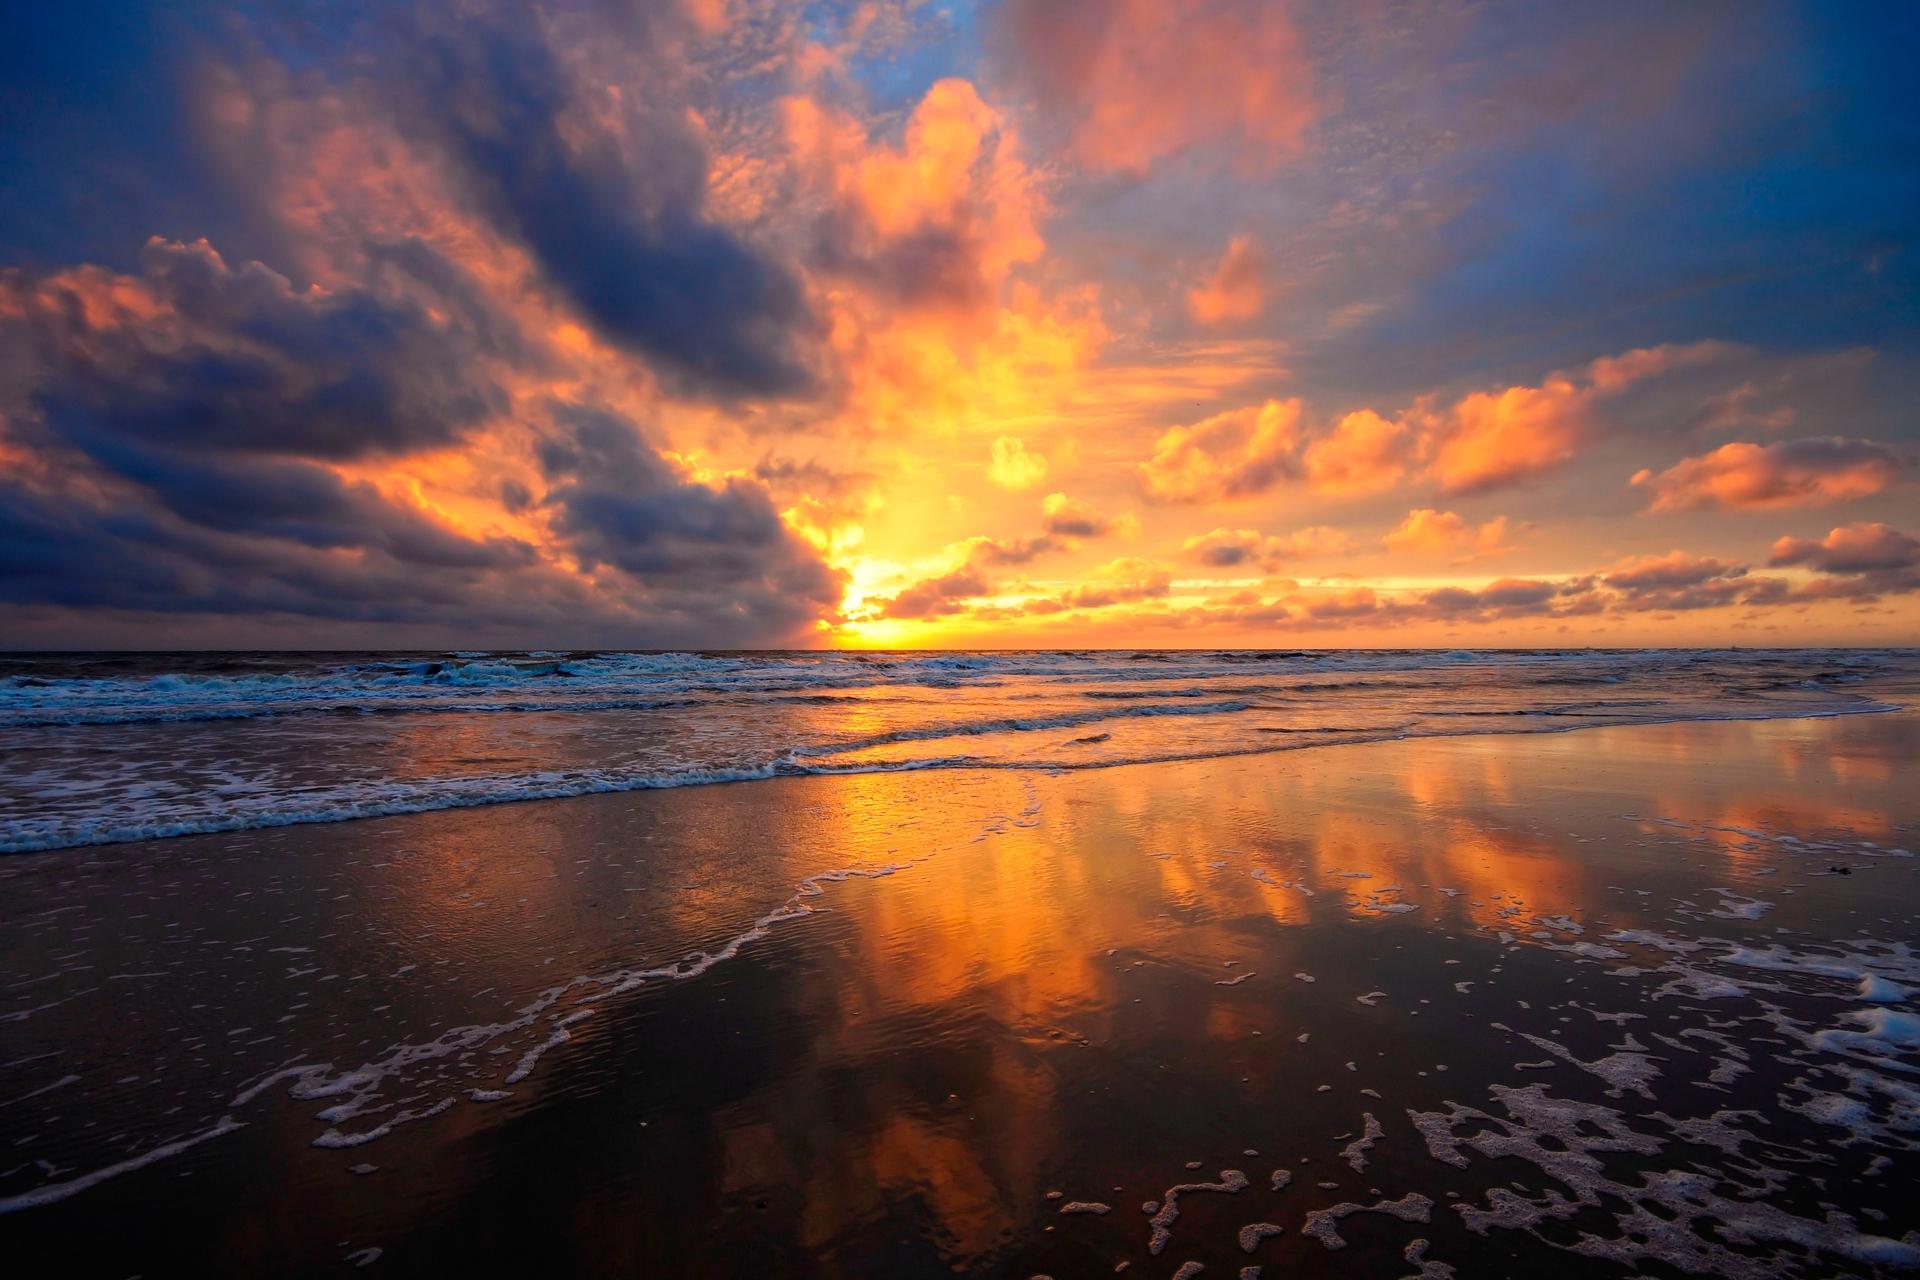 131012 télécharger le fond d'écran Nature, Coucher De Soleil, Sky, Mer, Nuages, Sable, Mouiller, Humide, Miroir, Réflexion - économiseurs d'écran et images gratuitement